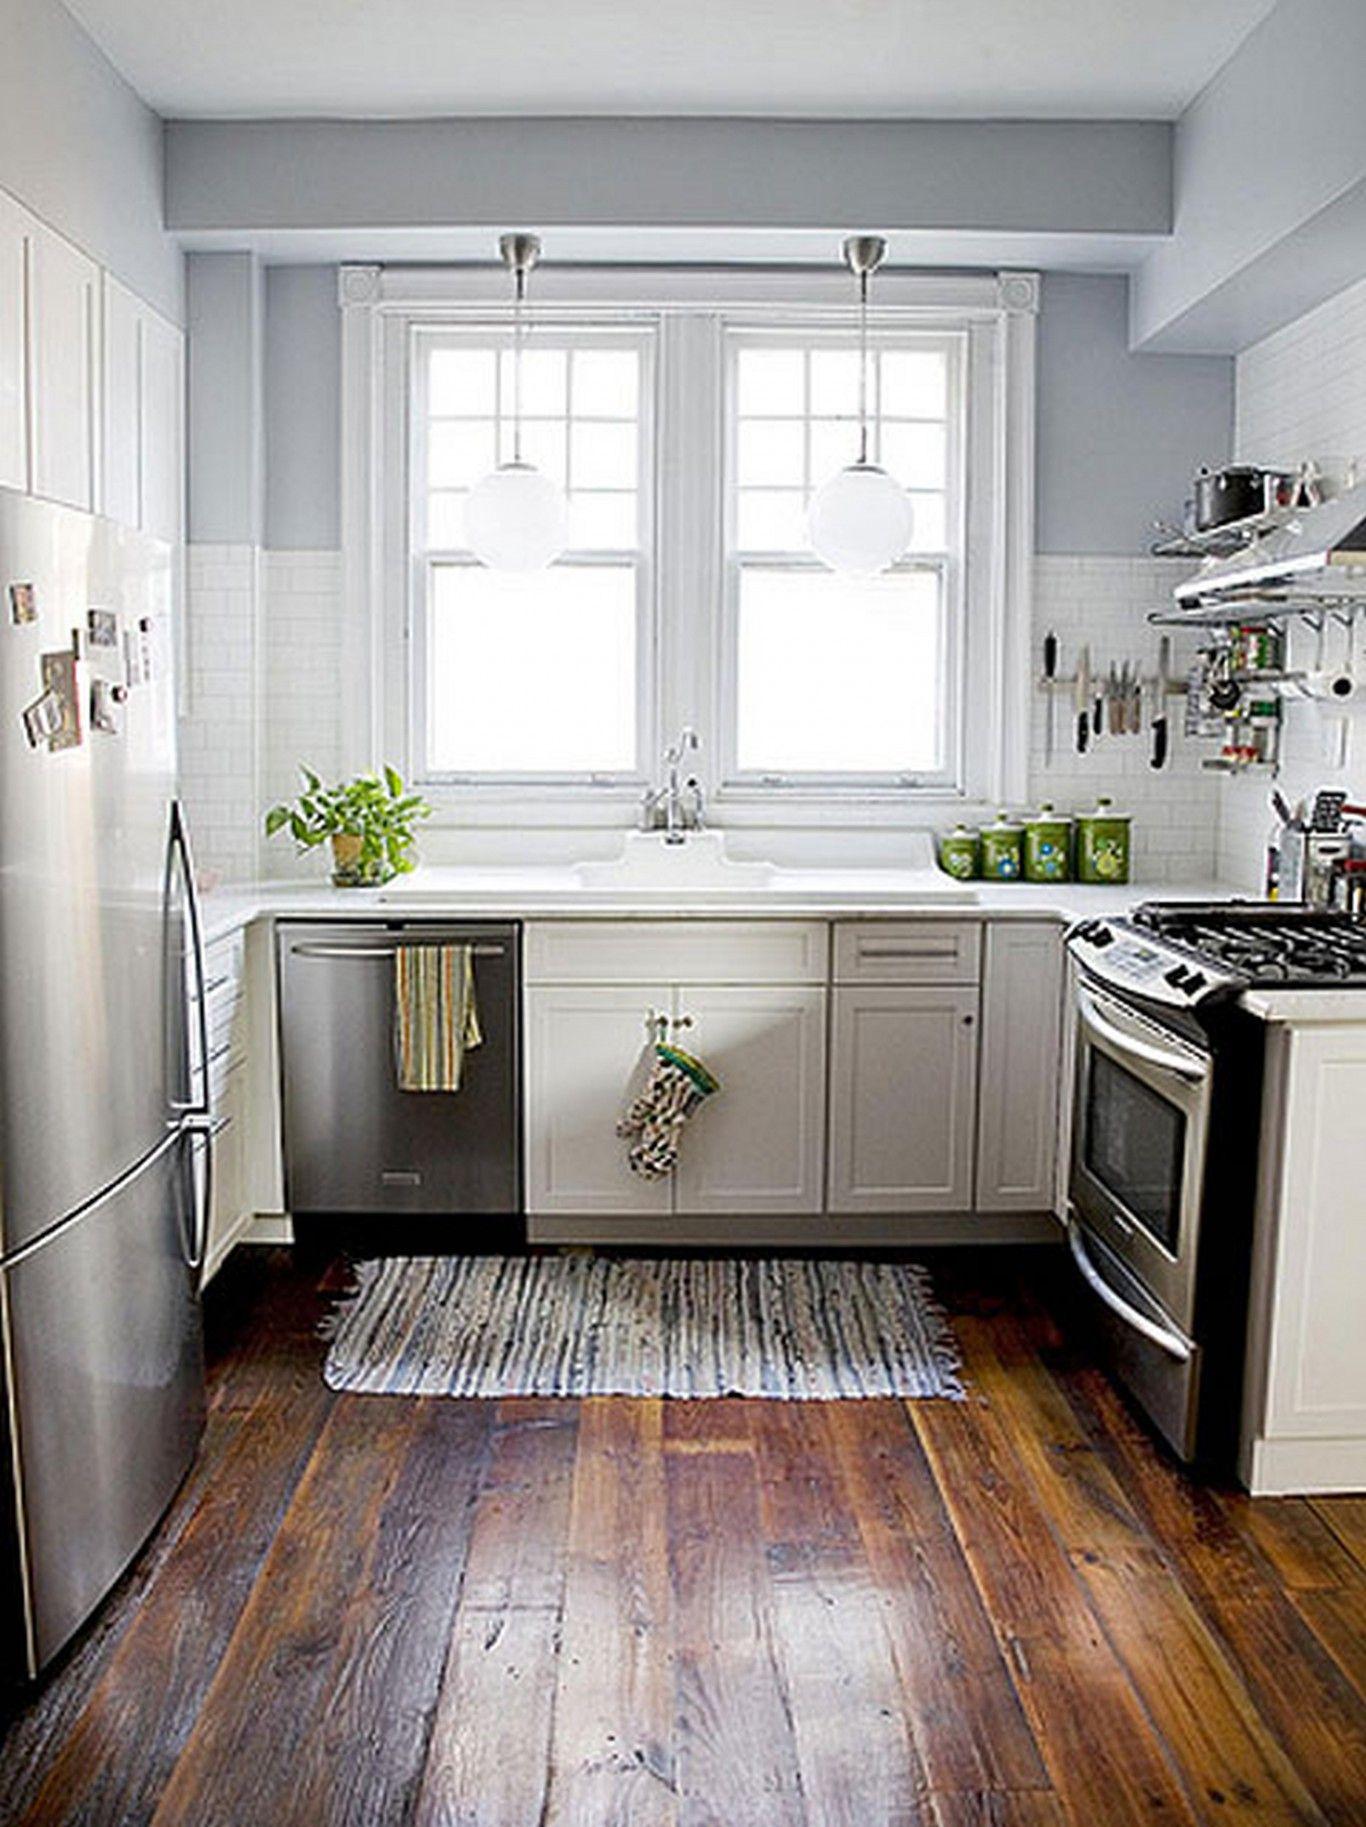 Image result for white tile backsplash ideas all white kitchen